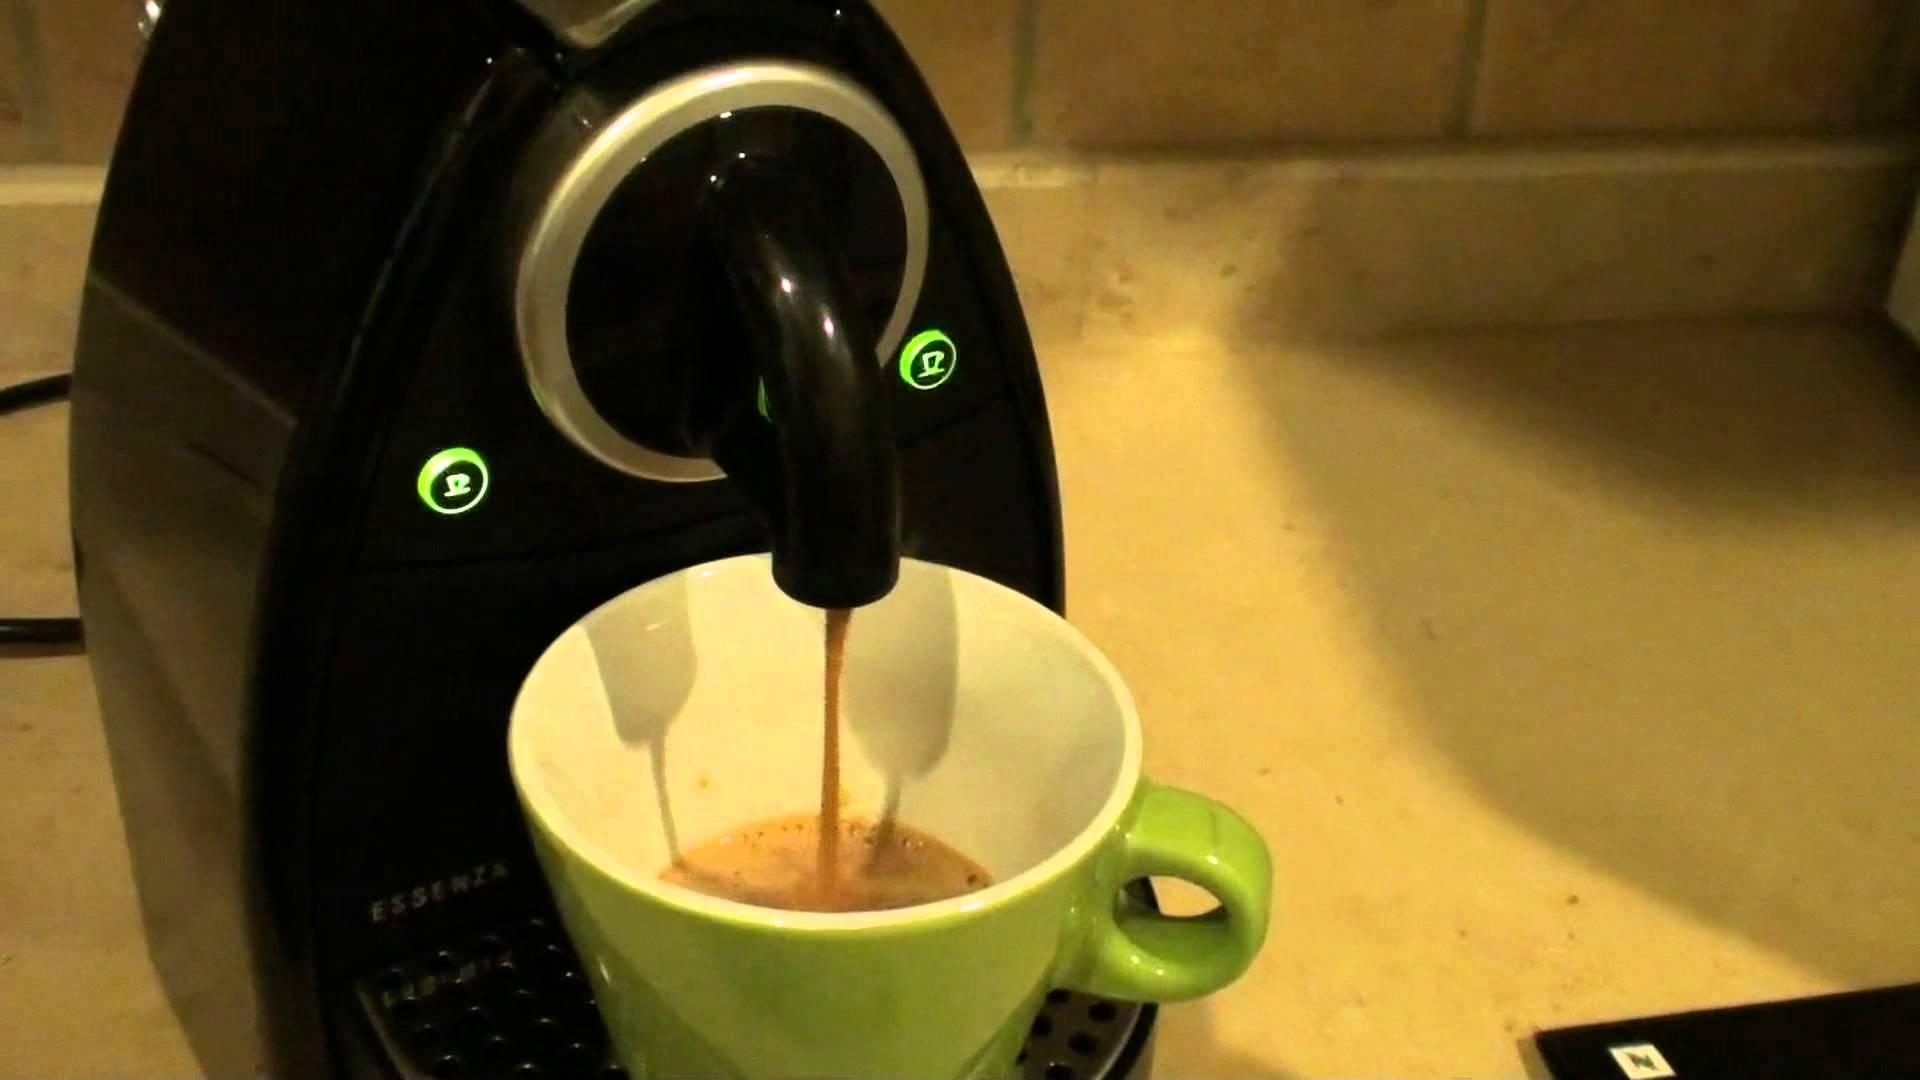 حذاري: آلة صنع القهوة عبارة عن مستعمرات للبكتيريا